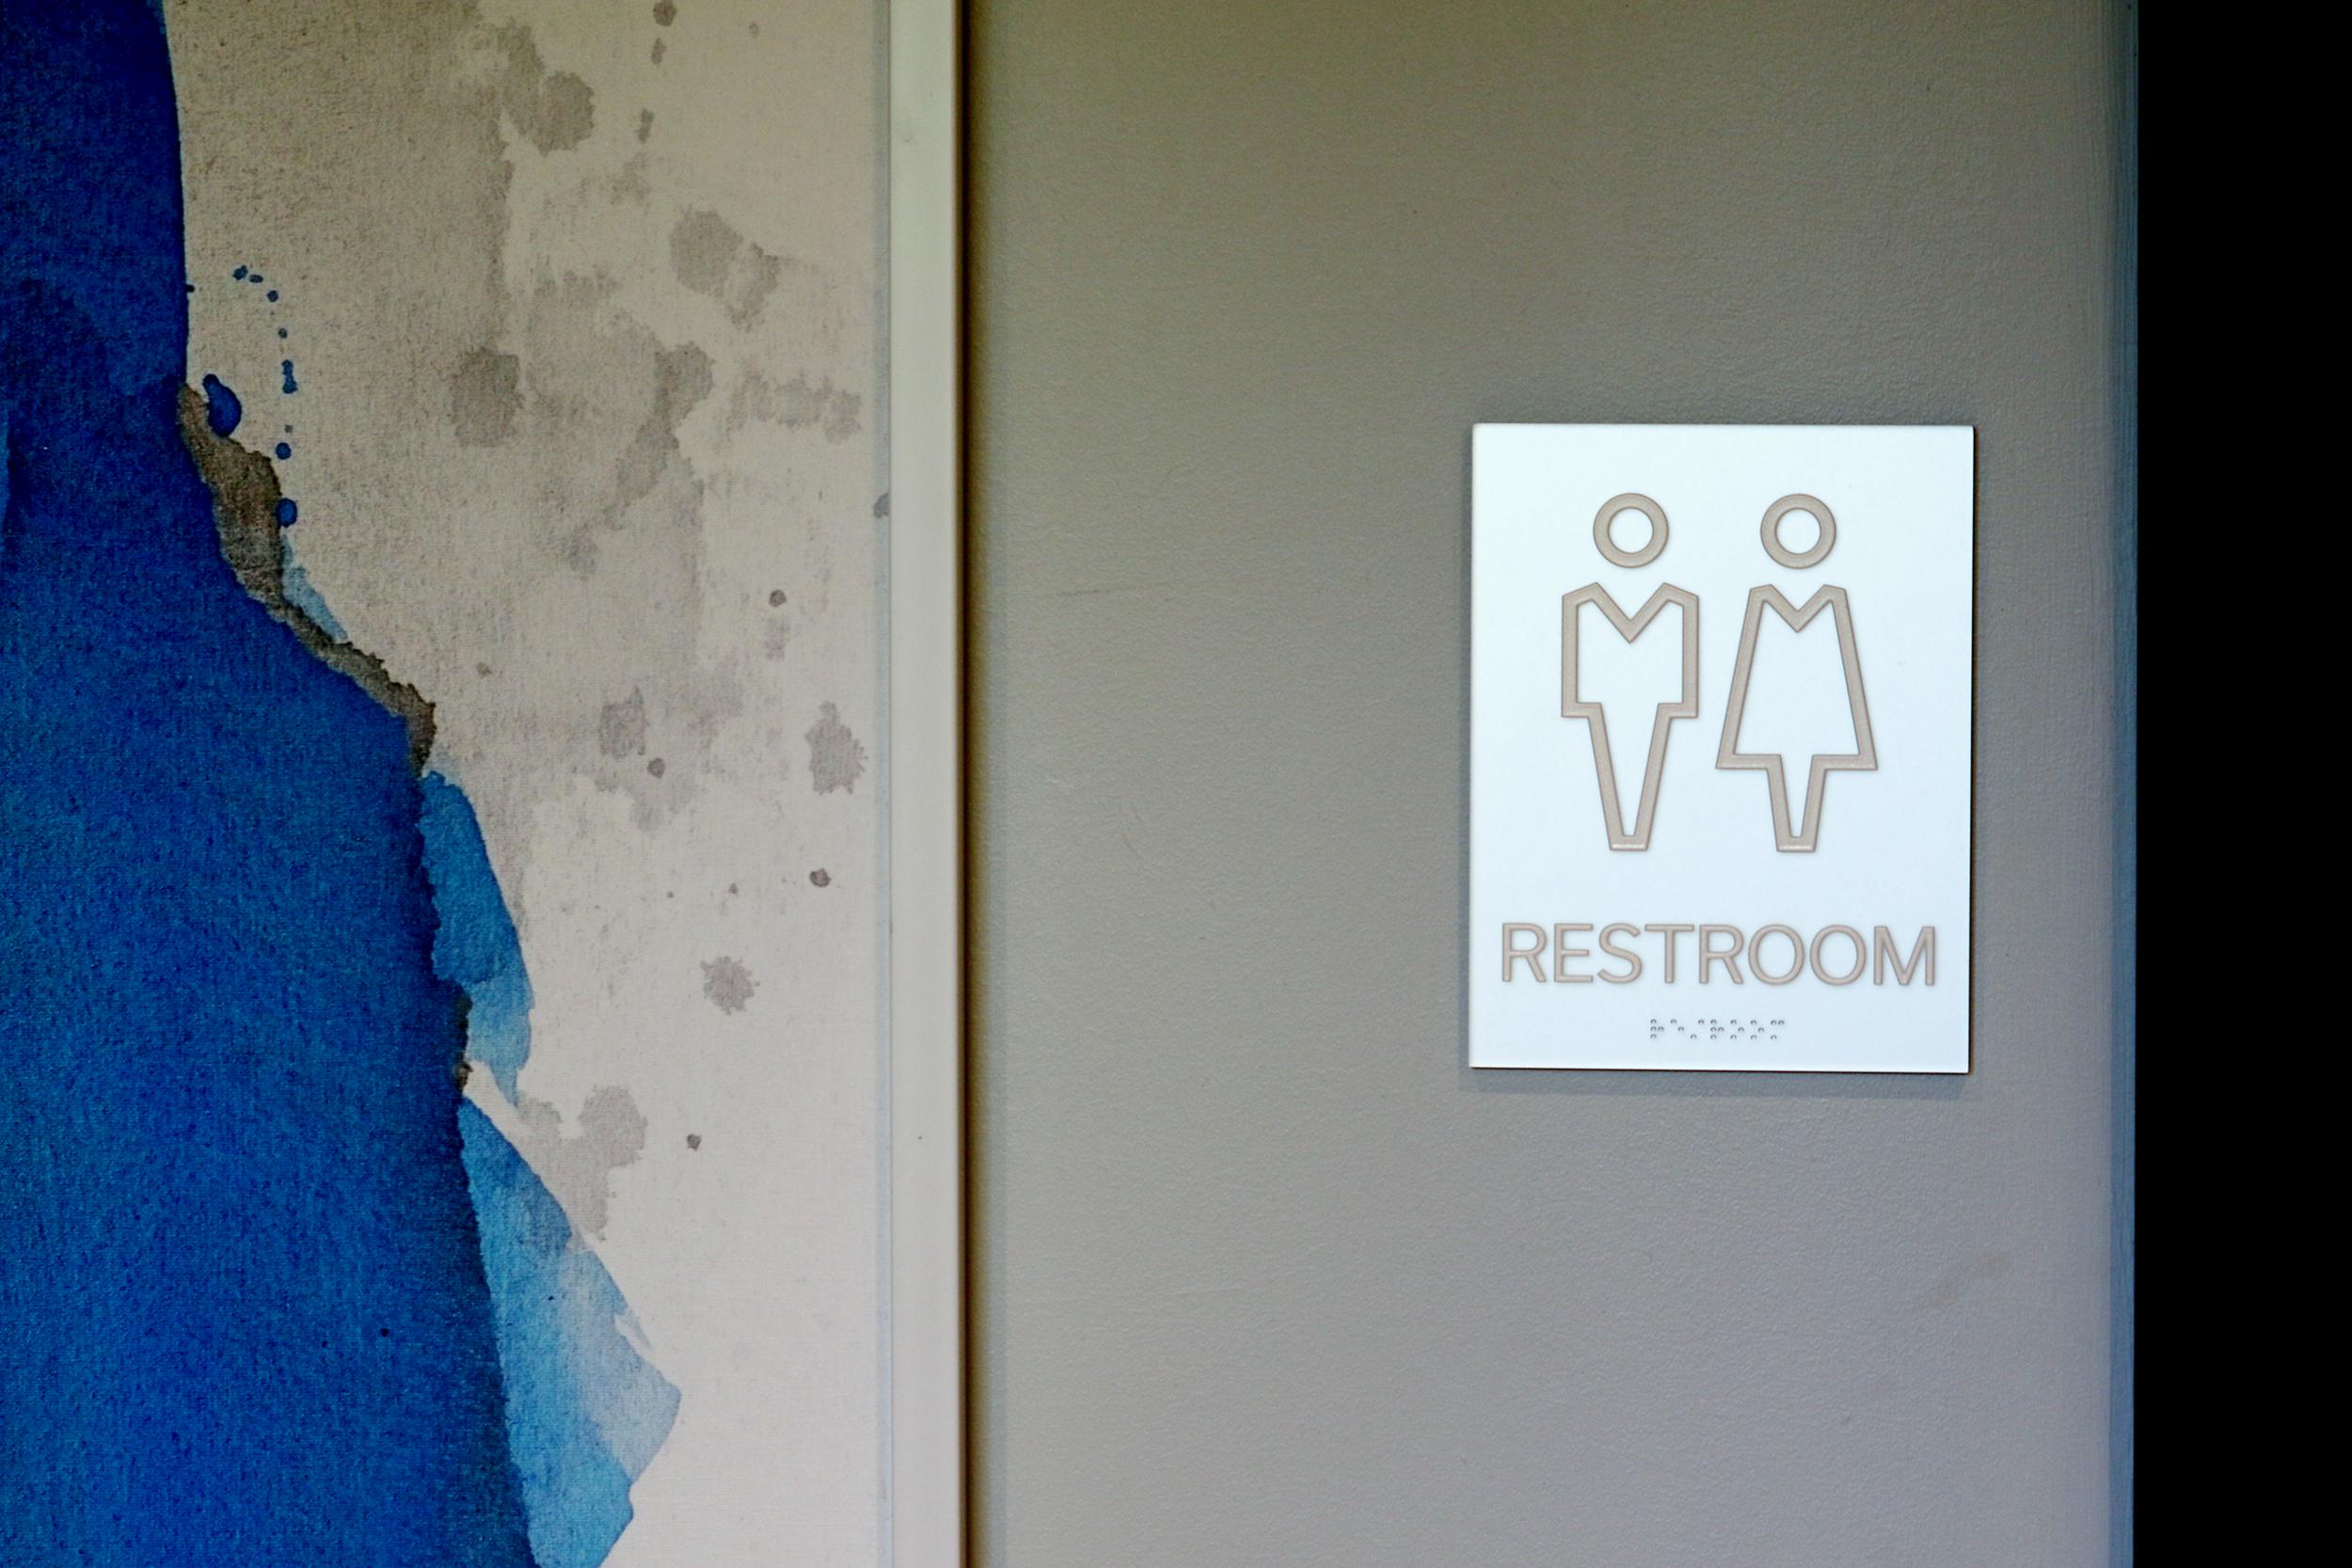 Restroom Sign 071A1472.png